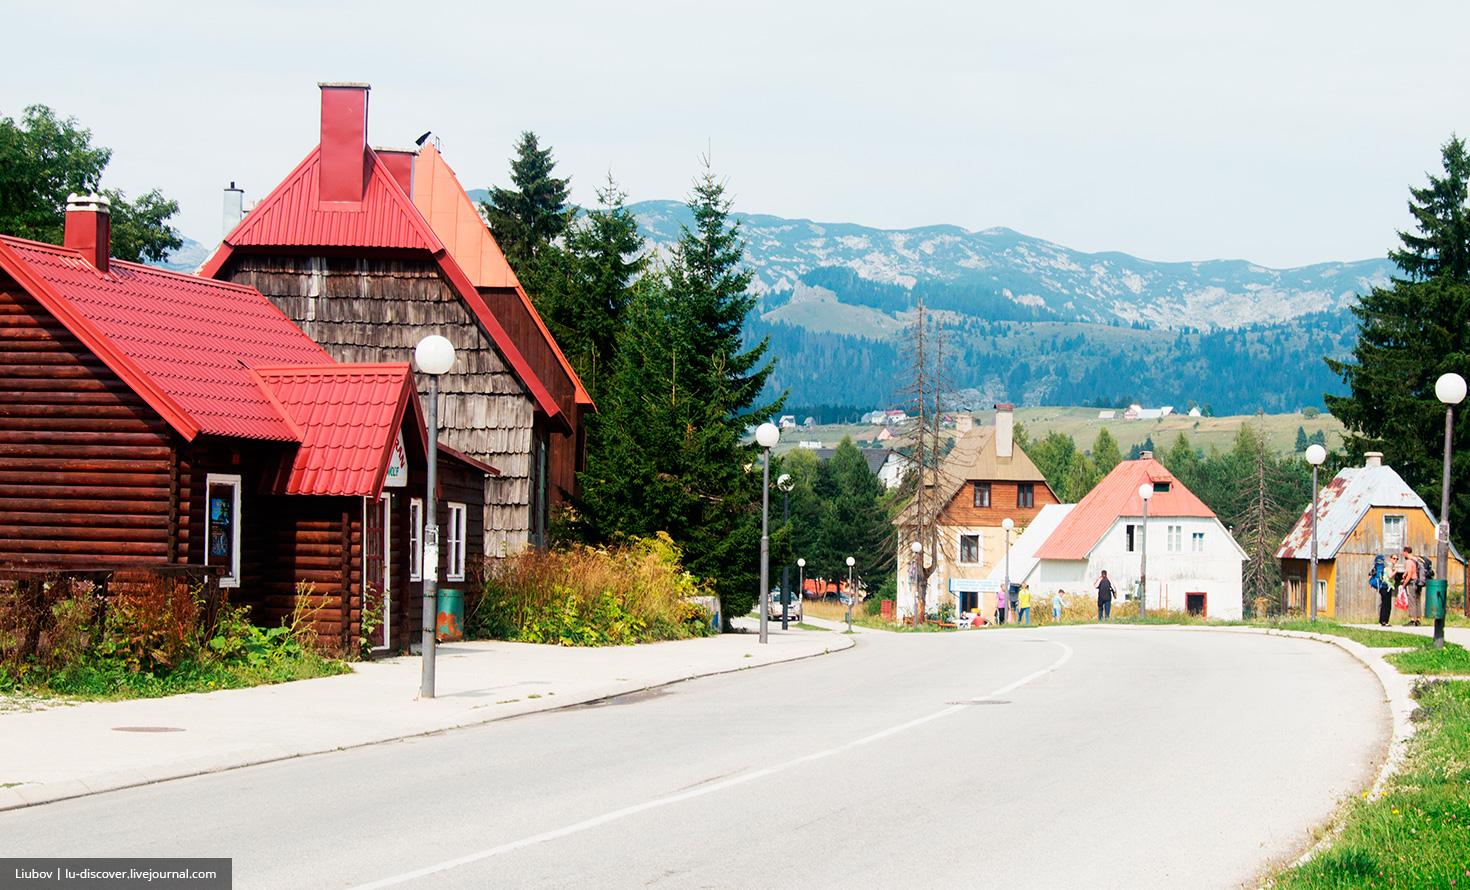 деревянные дома, высокие крыши